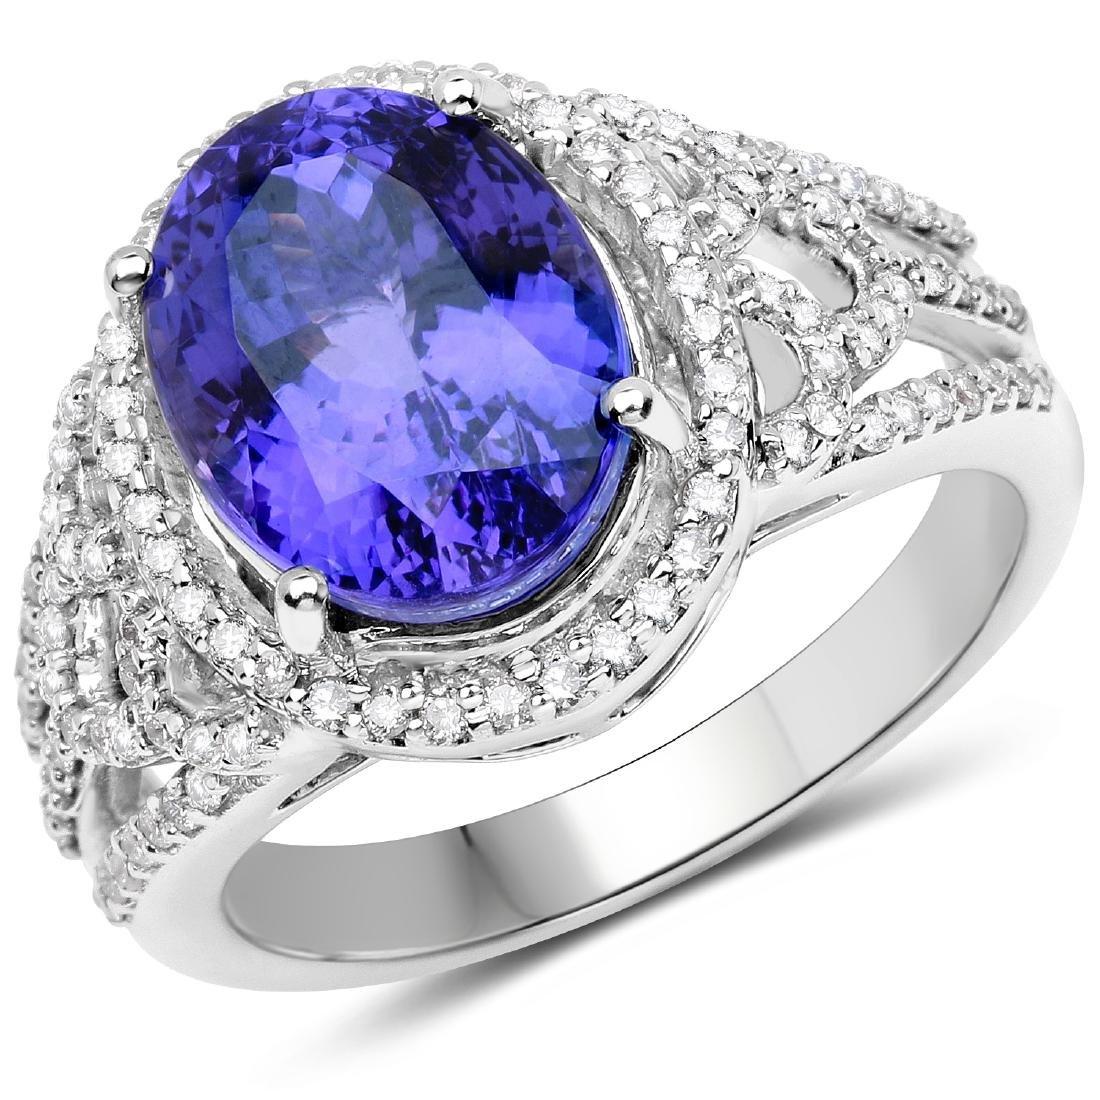 5.11ct Tanzanite 14K White Gold Ring